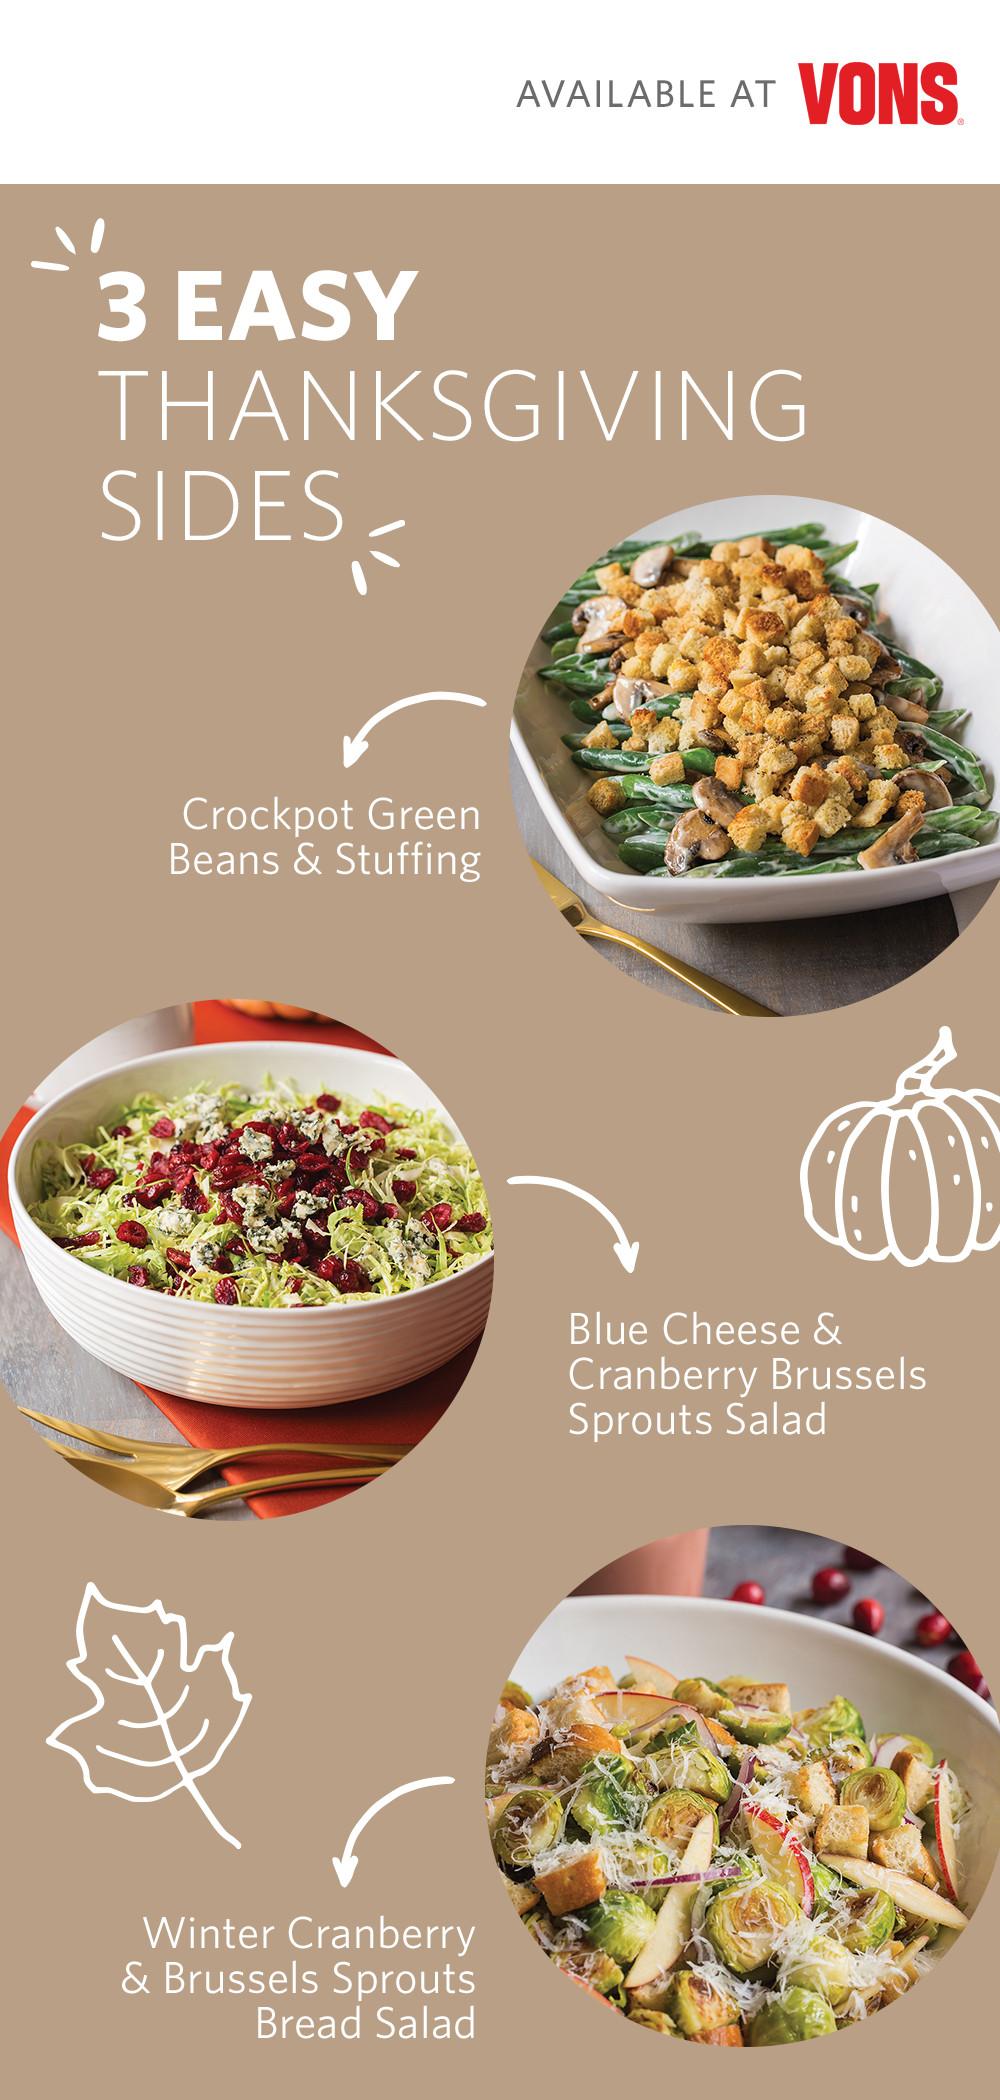 Vons Thanksgiving Dinner 2019  Vons Thanksgiving Deals